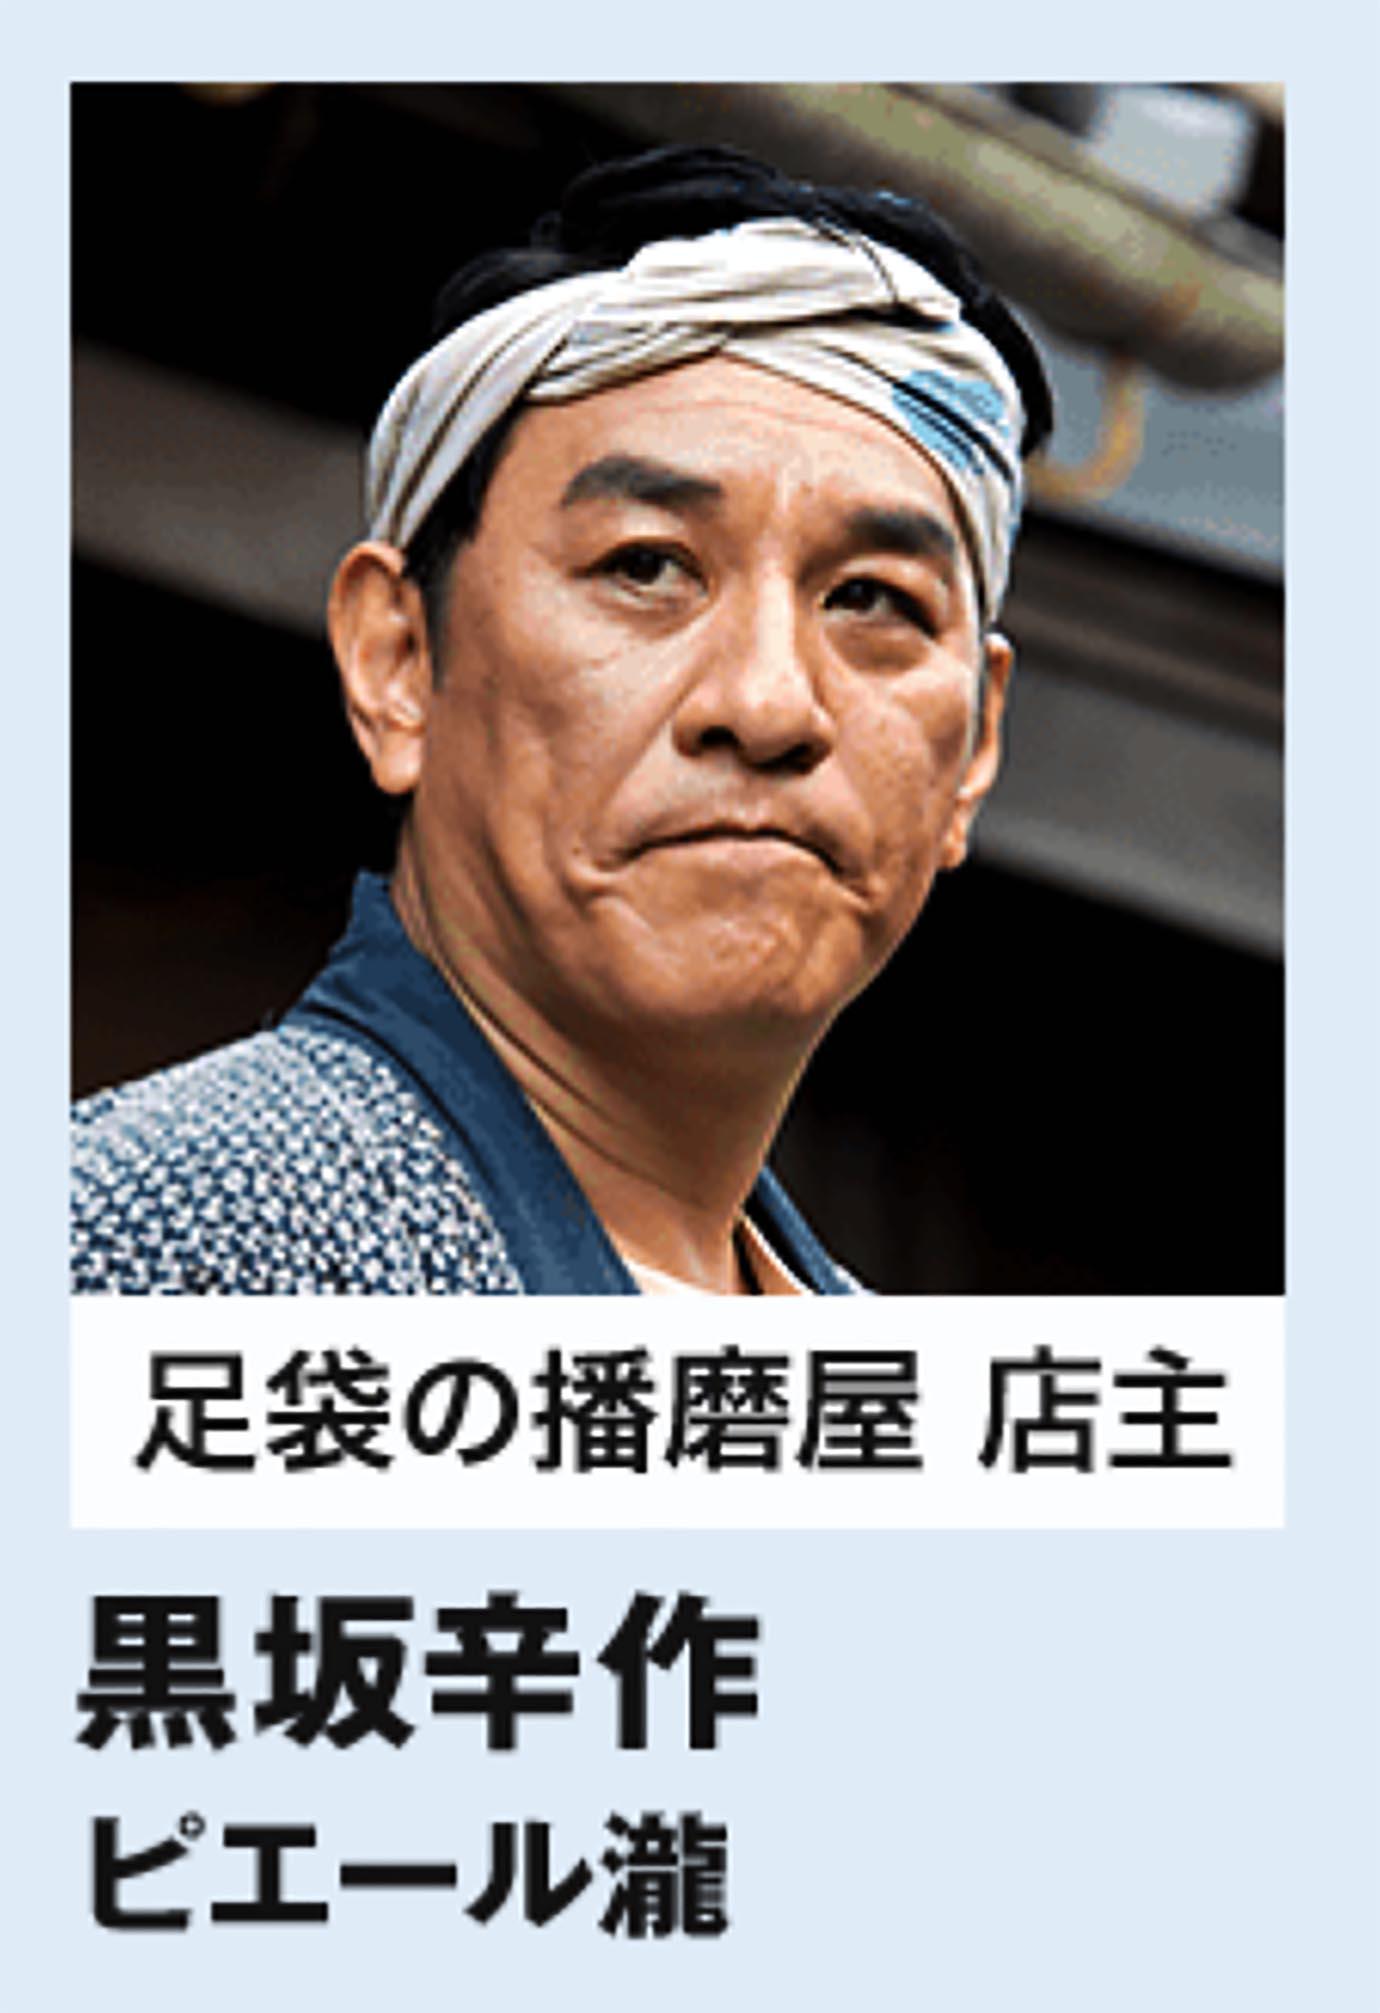 非常事態】ピエール瀧の逮捕でNHKドラマ「いだてん」放送中止か